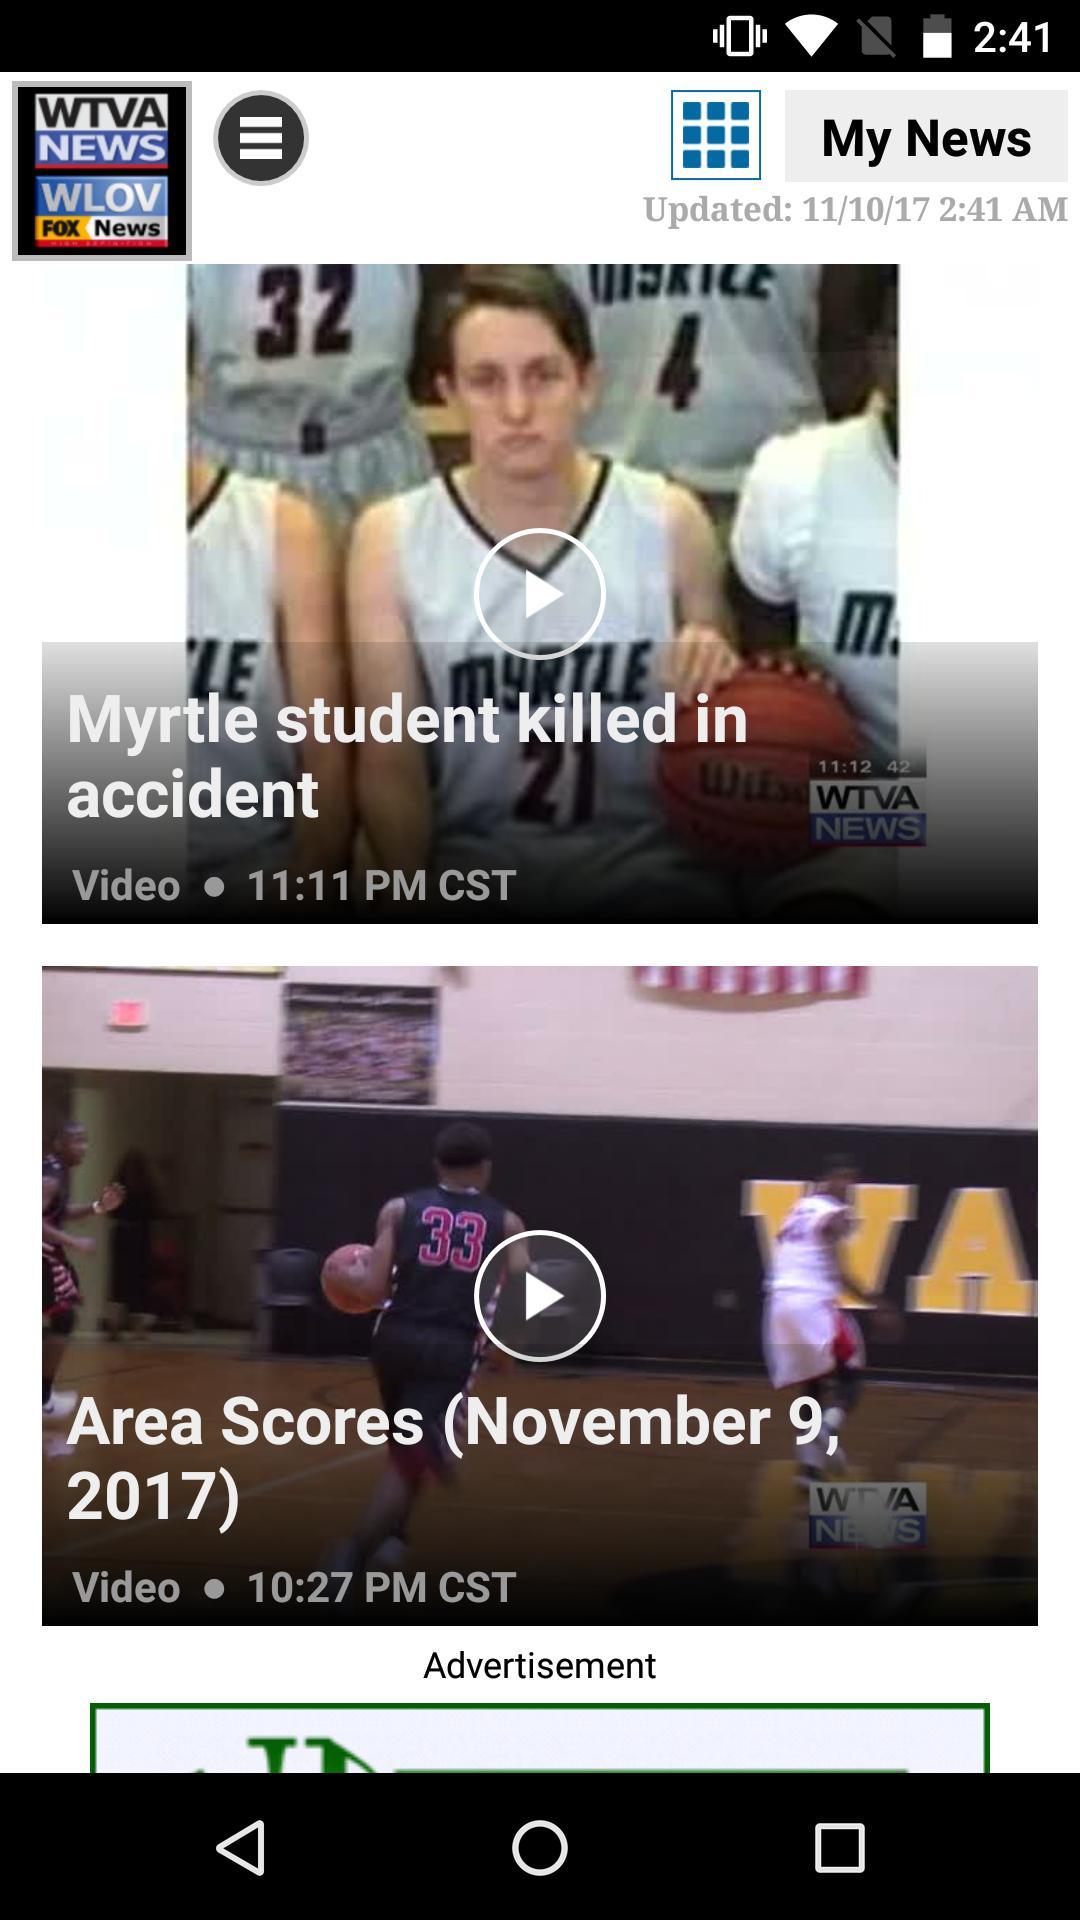 Wtva News Live